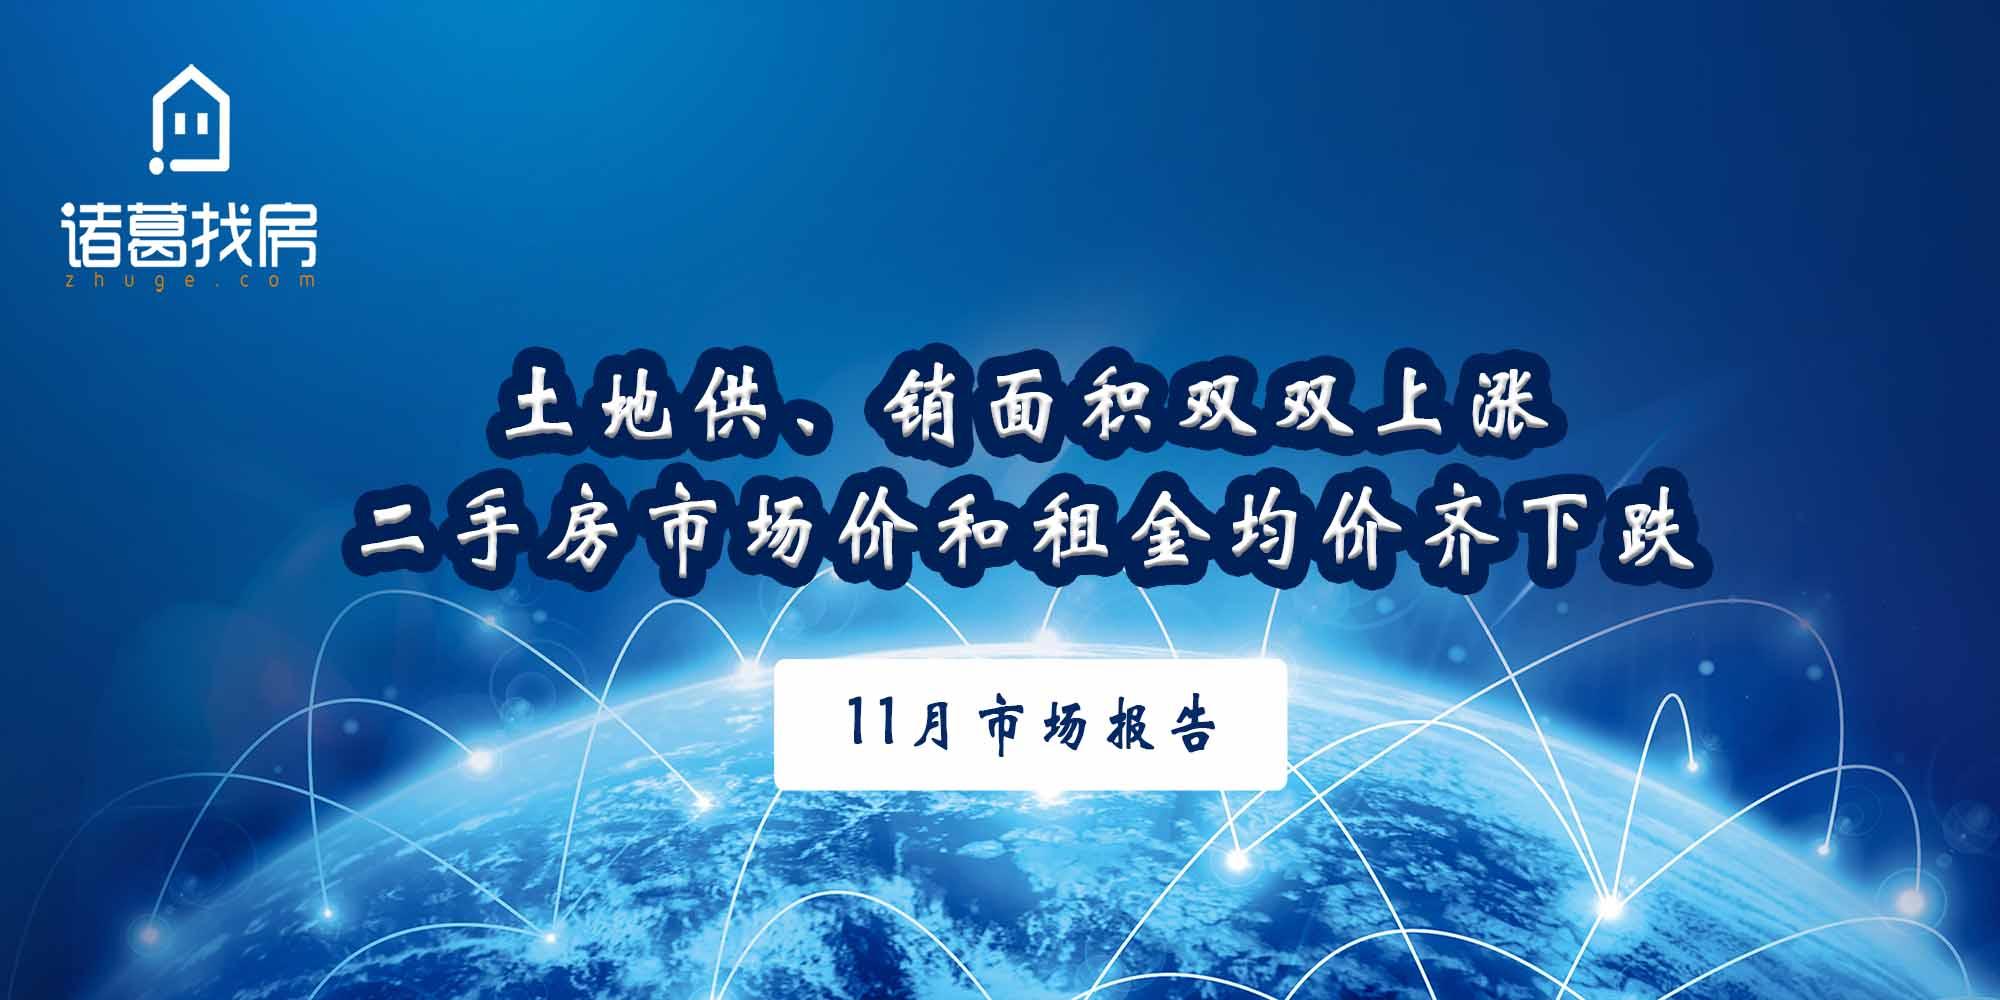 重庆月报|11月土地供、销面积双双上涨,二手房市场价和租金均价全部下跌